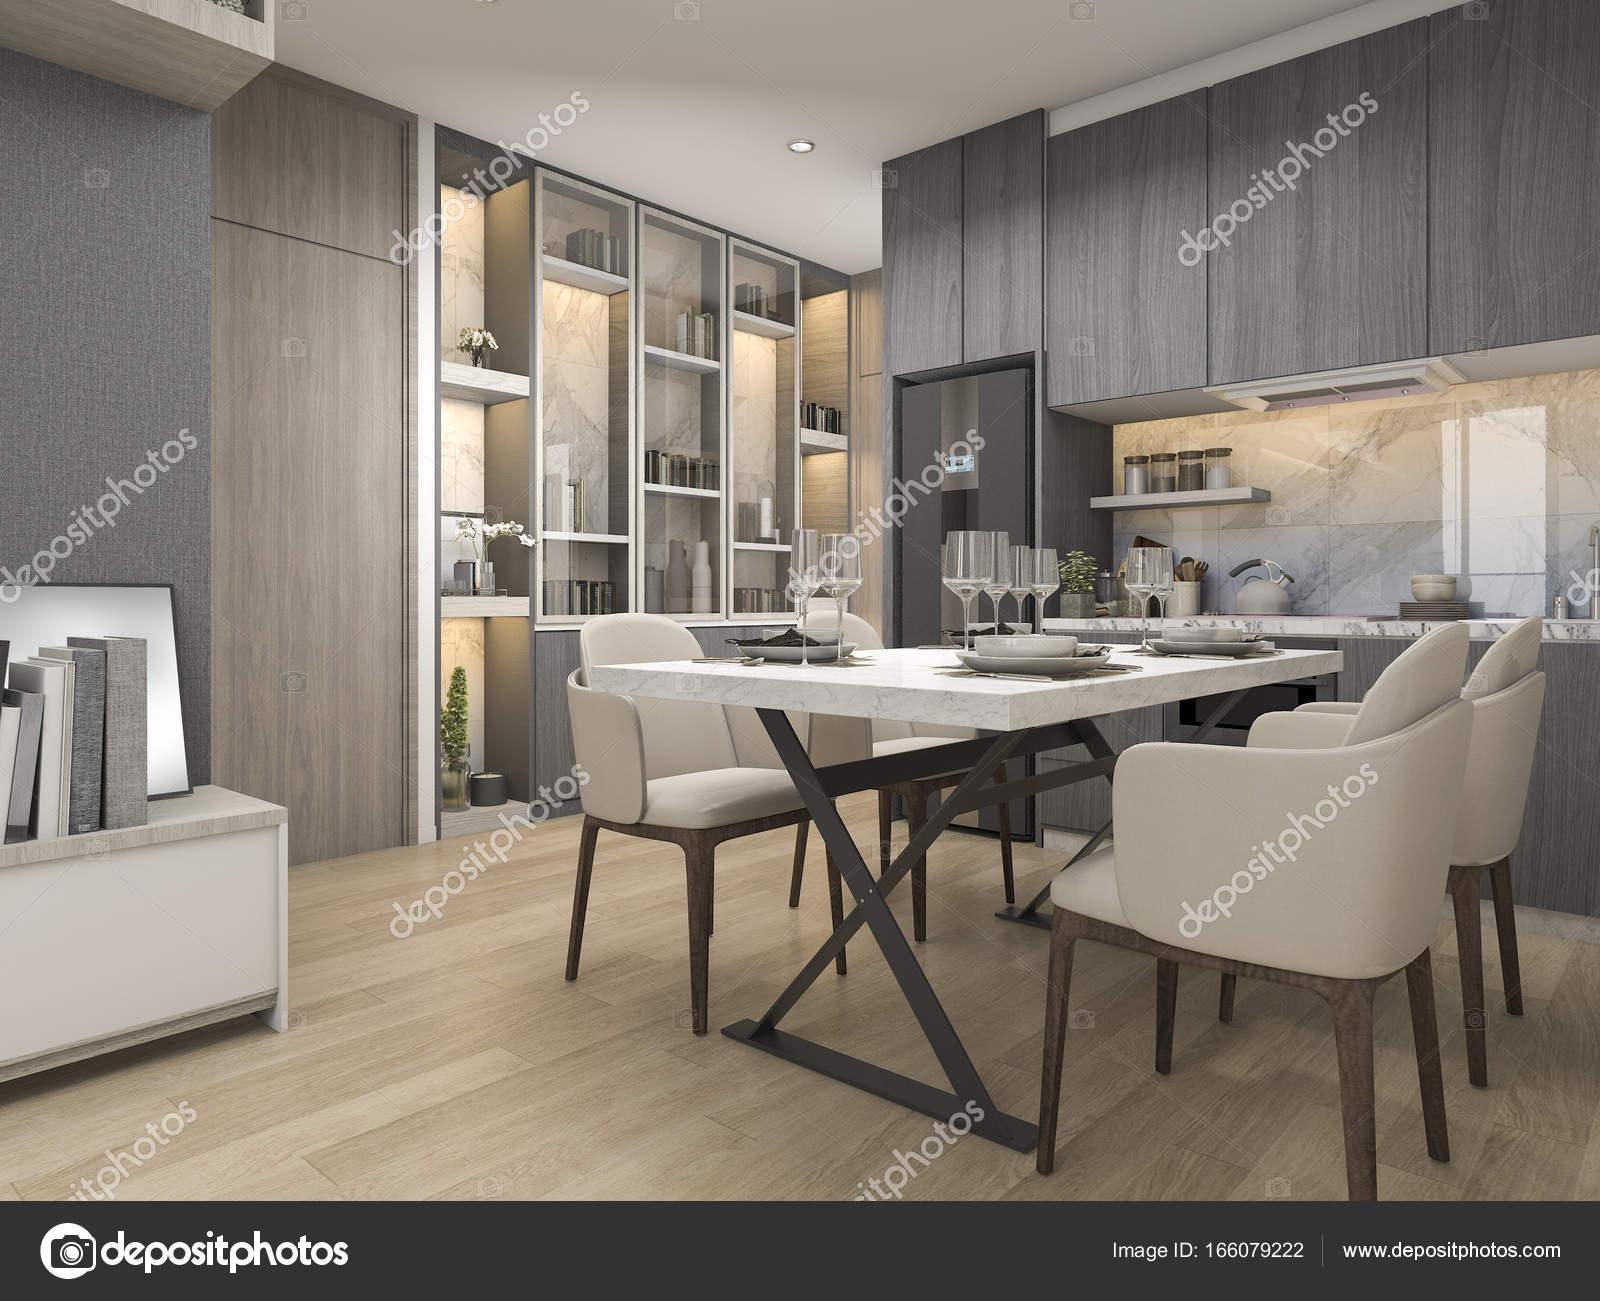 Luxe Design Keuken : 3d rendering wit modern en luxe design keuken met eettafel en plank